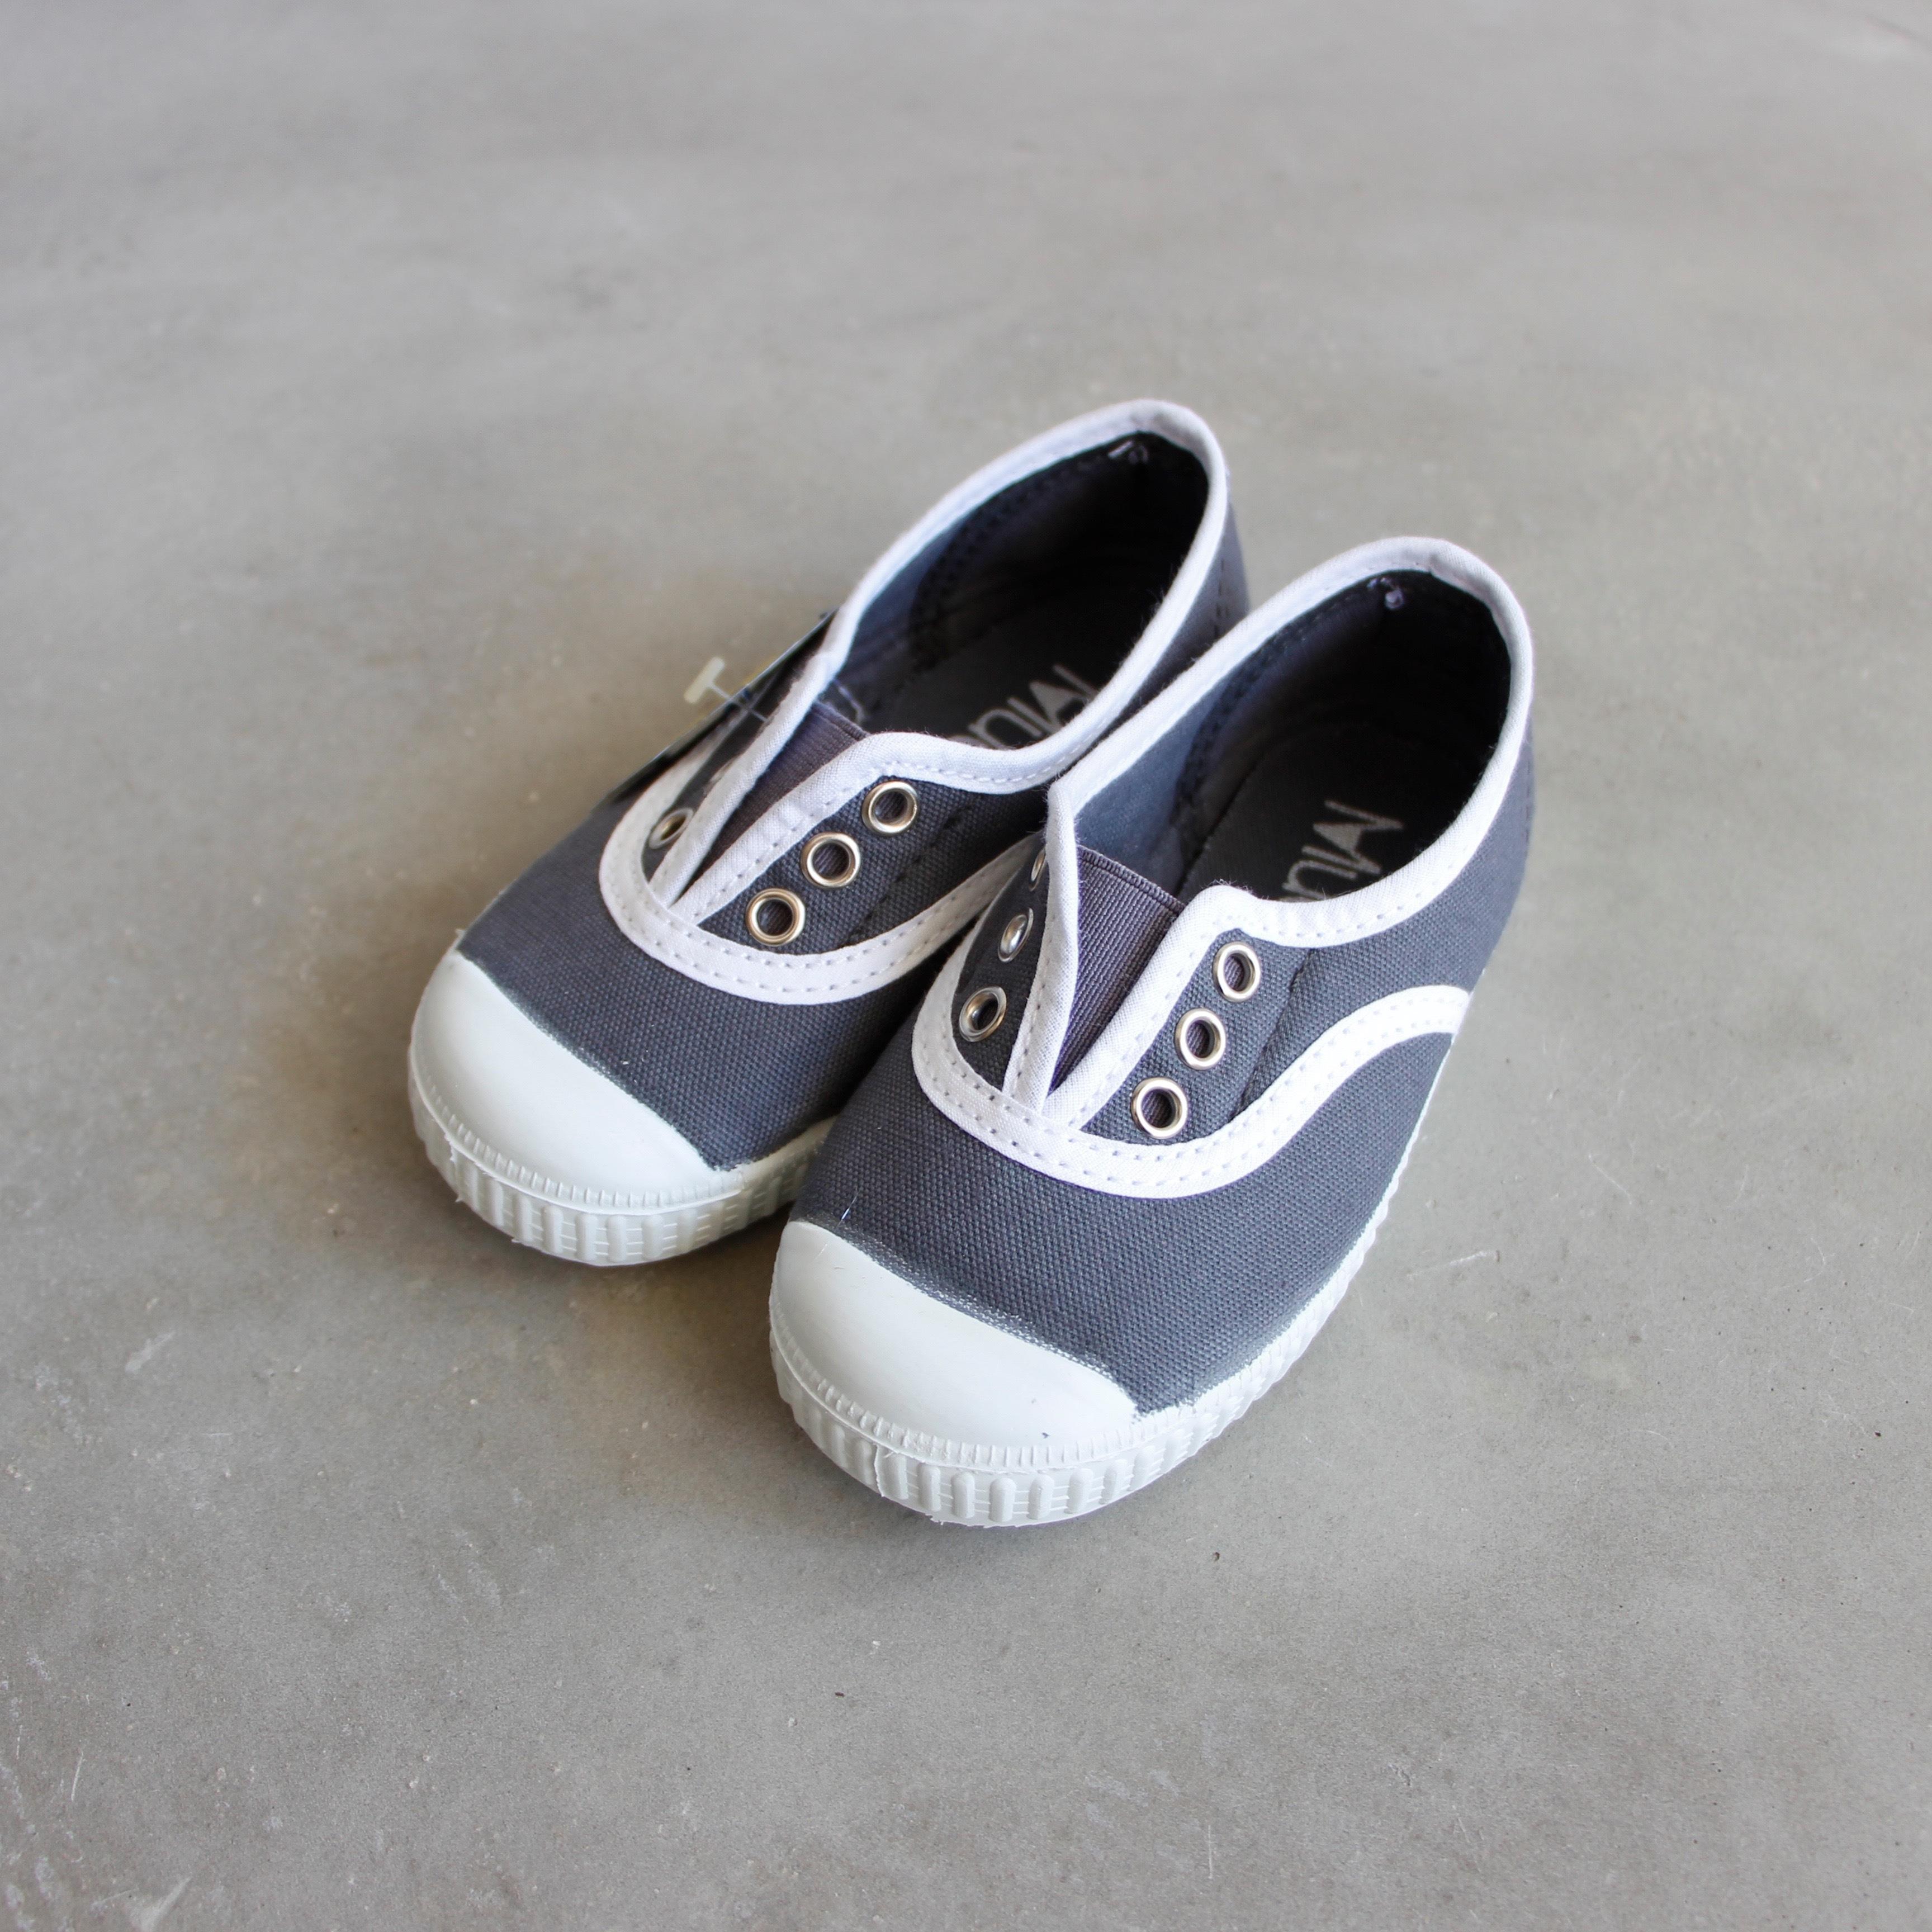 《LA CADENA》INGLES ELASTICO P / gris(white trim) / 23-27(14-17cm)